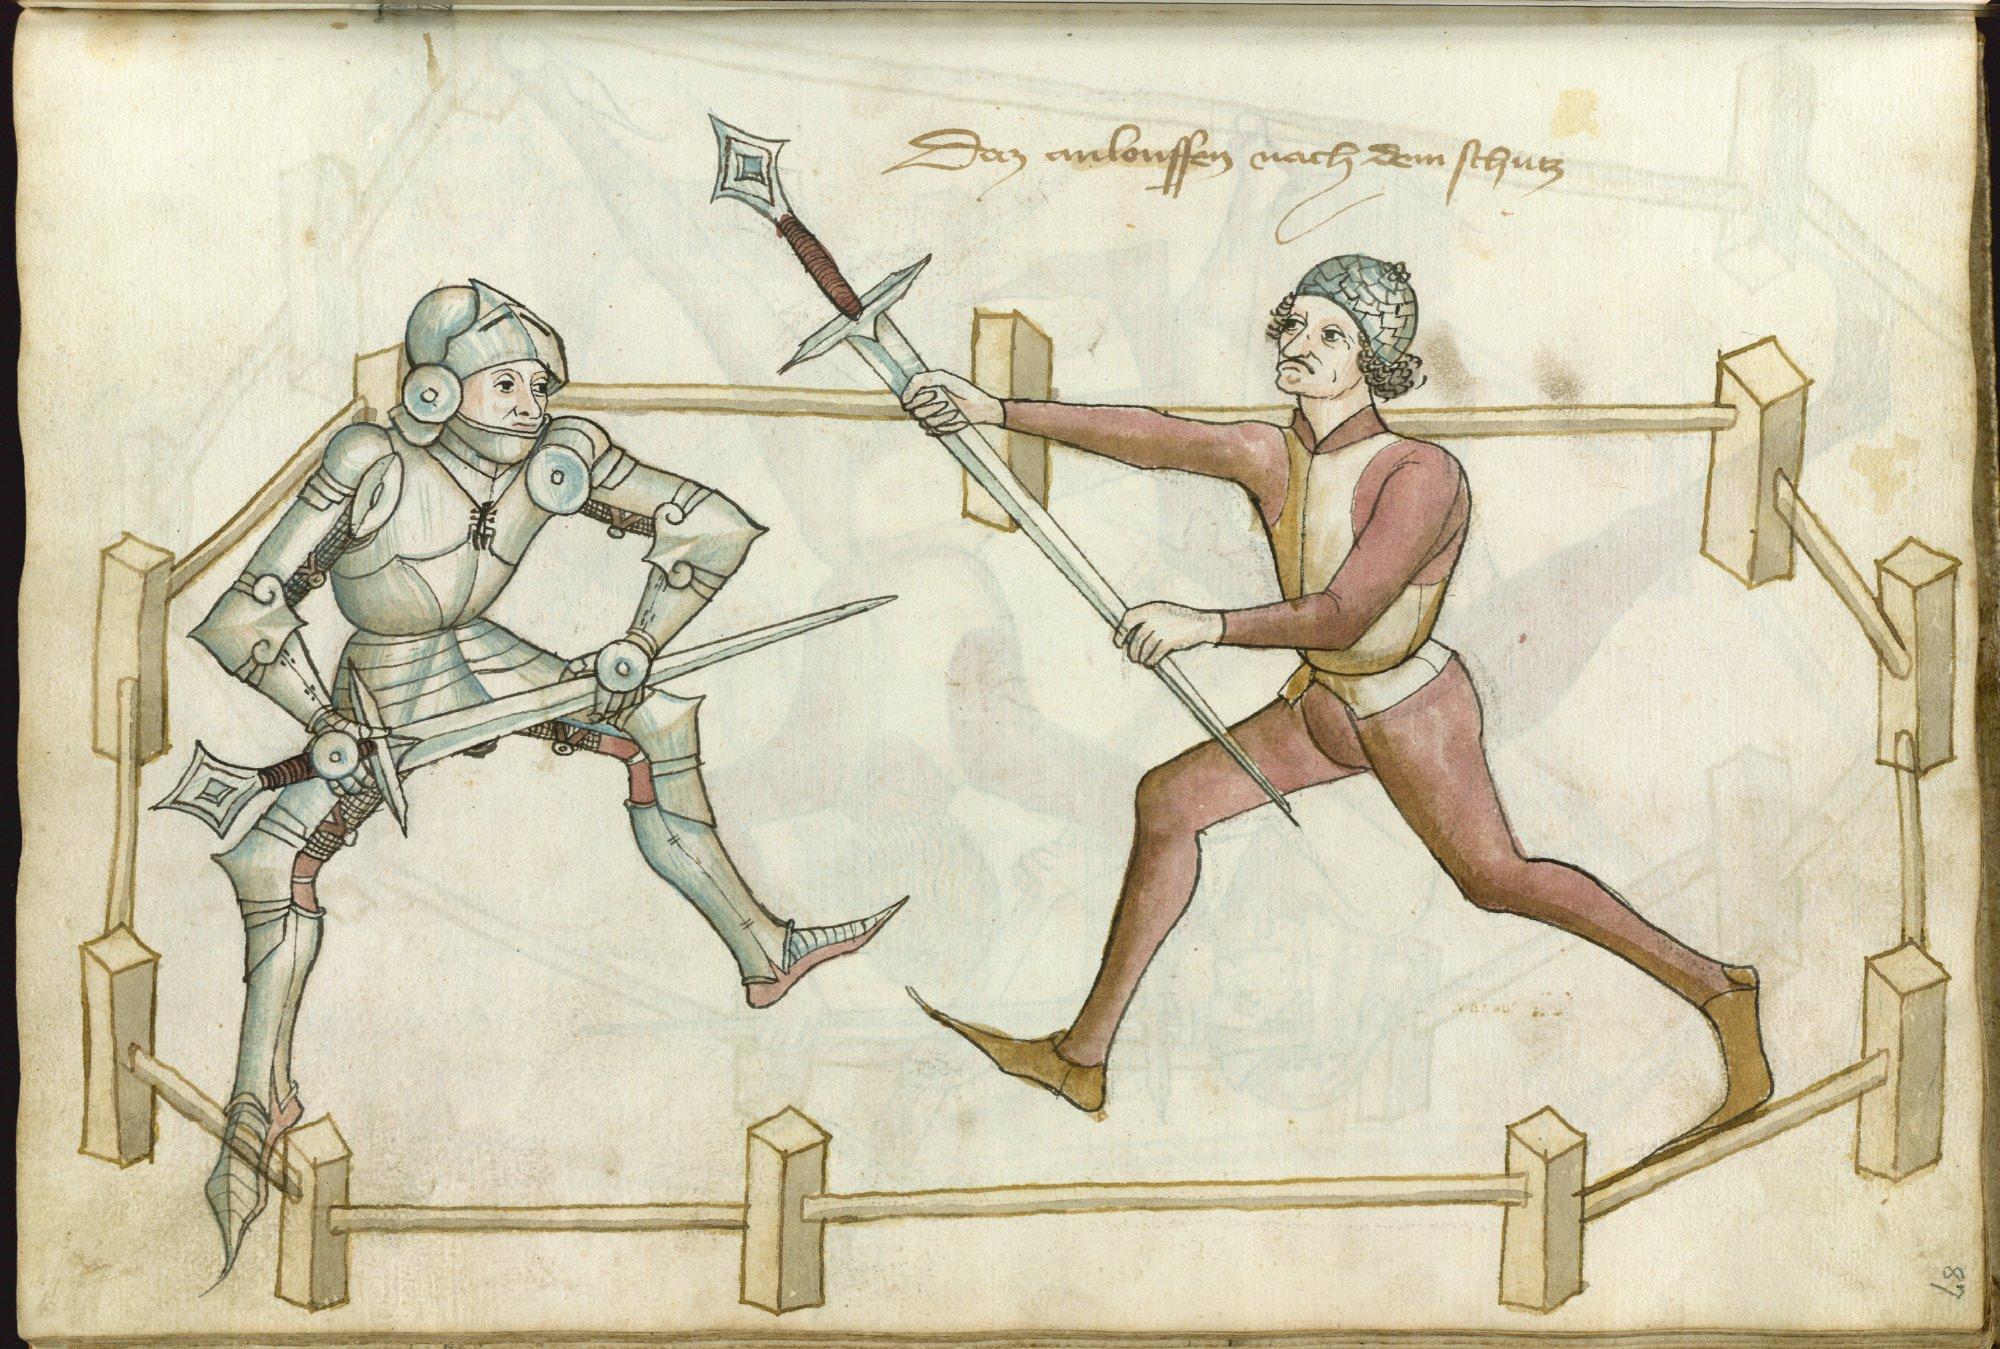 Những suy nghĩ sai lầm thường thấy đối với trường kiếm châu Âu (long sword)